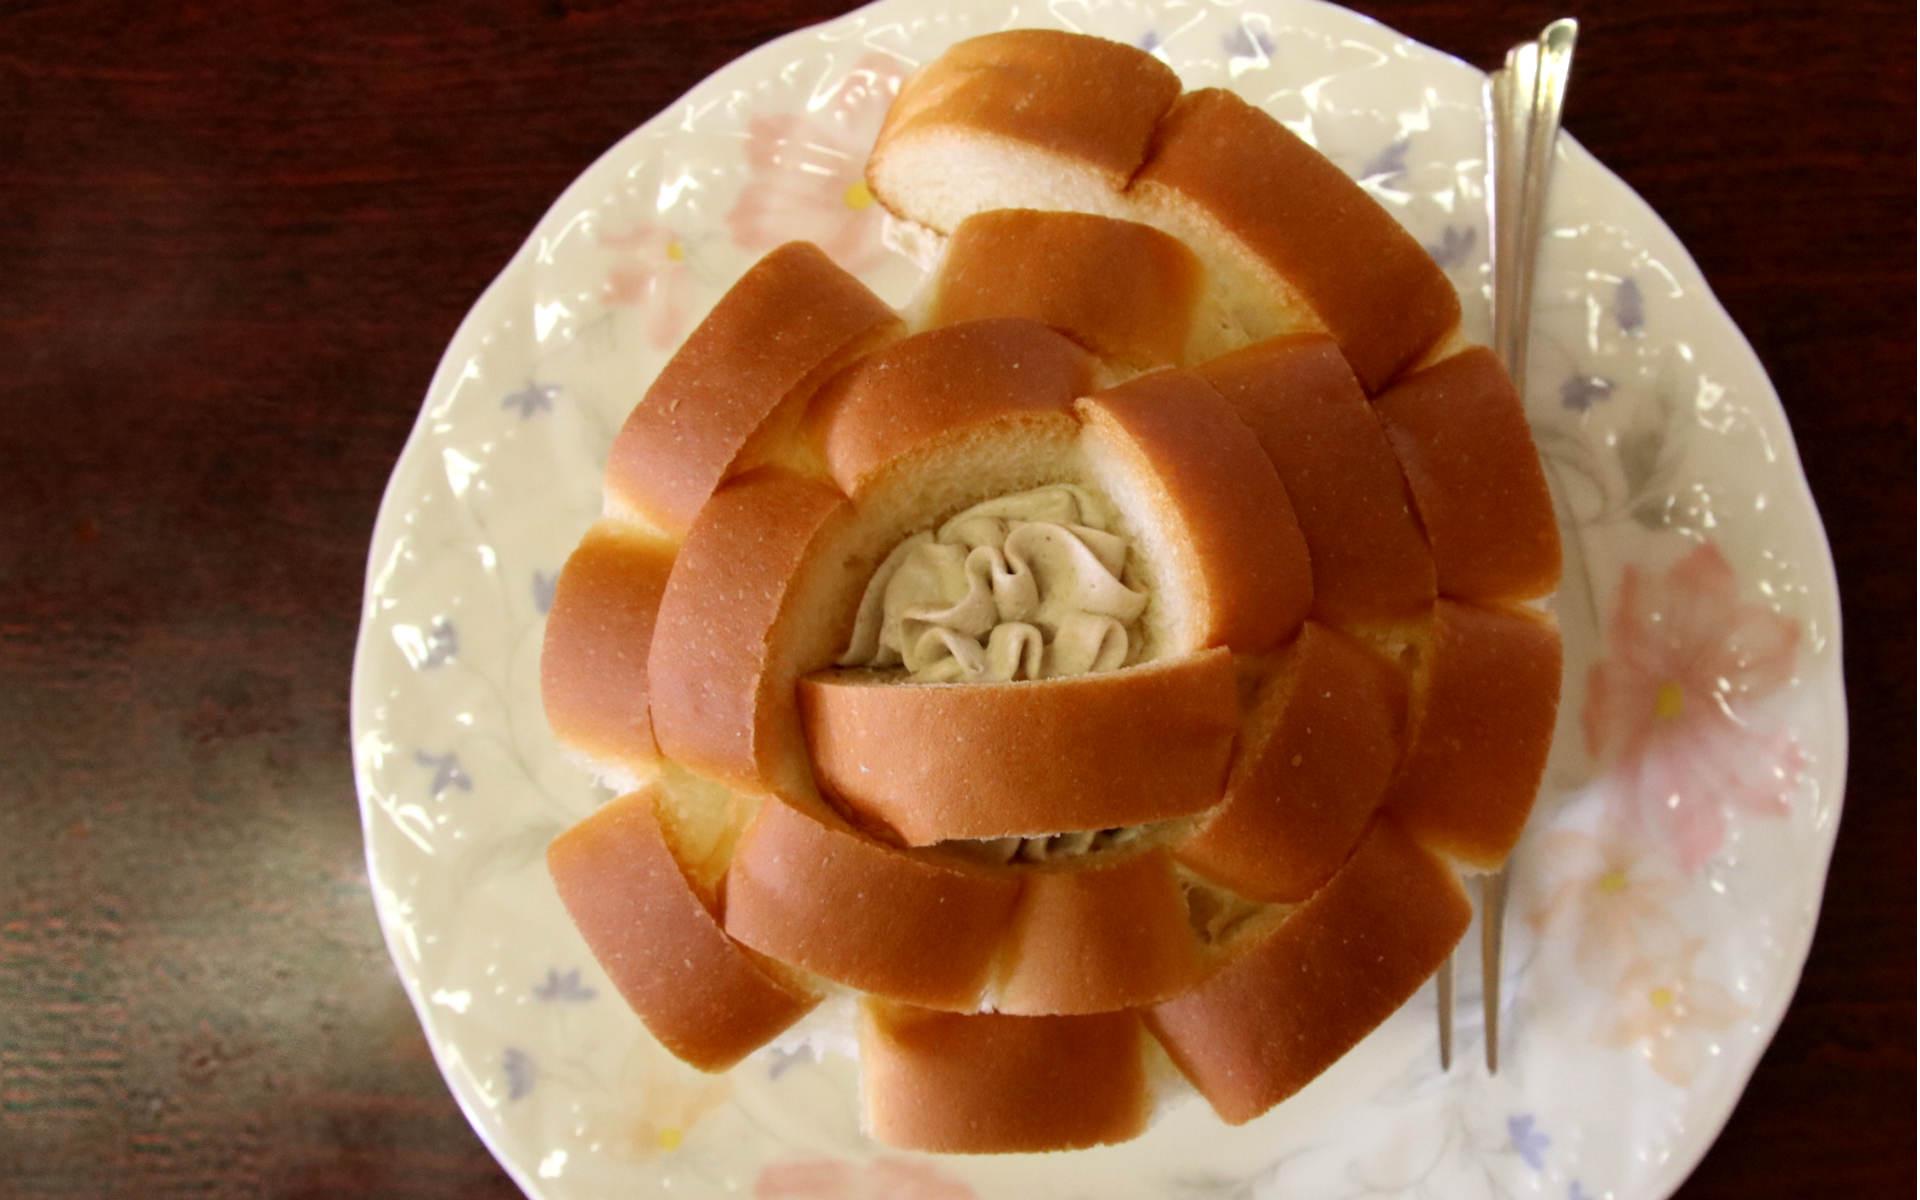 愛しの純喫茶〜出雲編〜バラのようなご当地パンが楽しめる「ふじひろ珈琲」